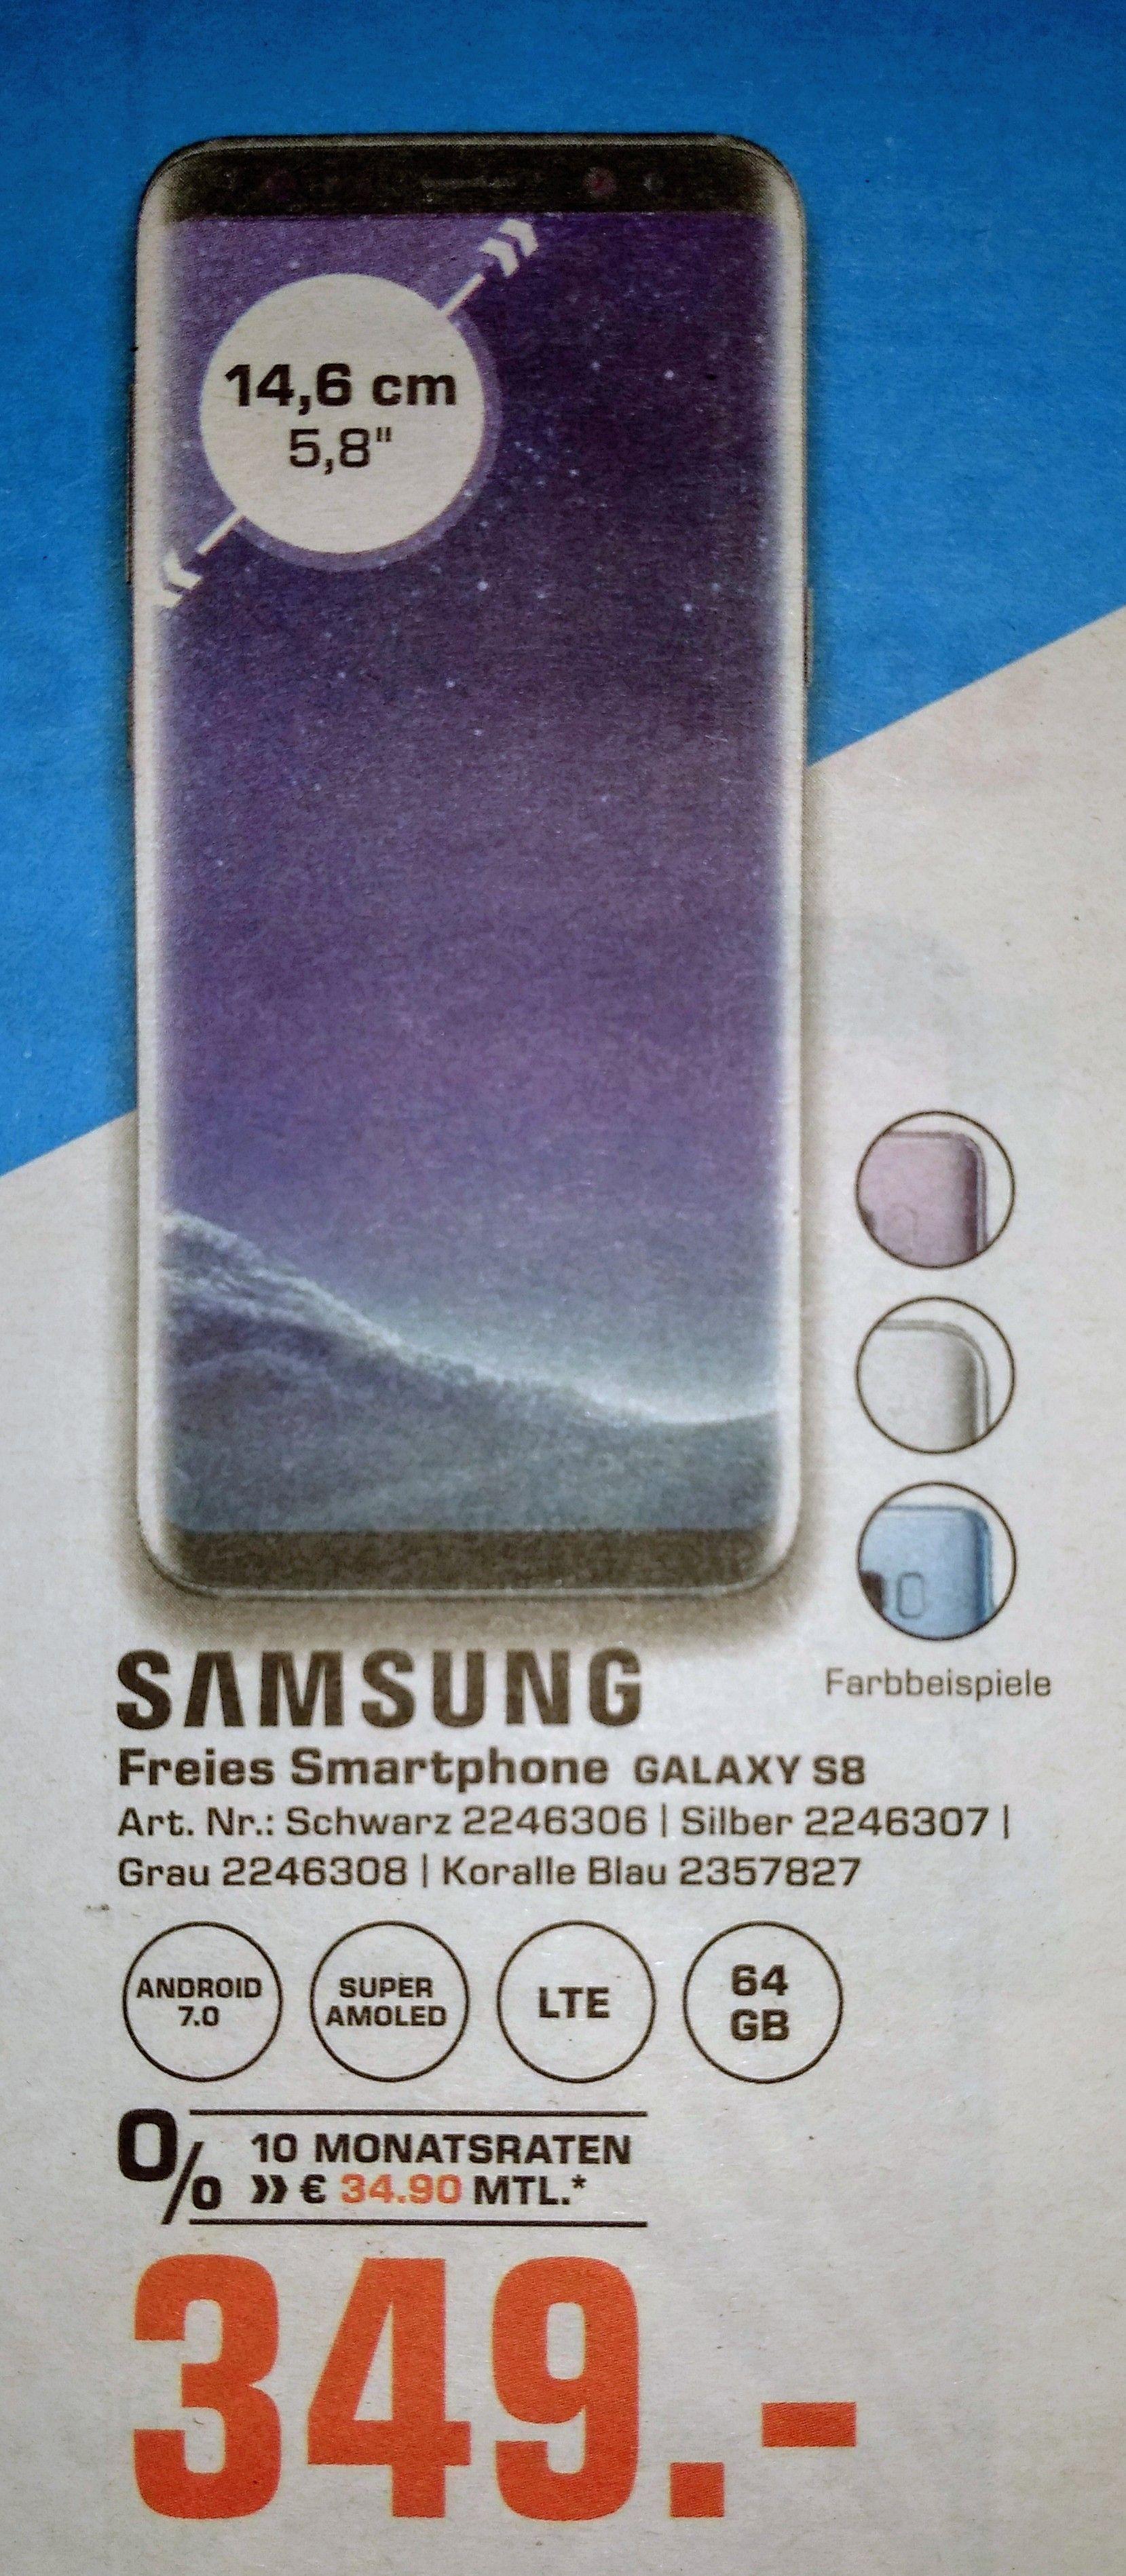 Samsung Galaxy S8 Günstig Kaufen Beste Angebote Preise Mydealzde